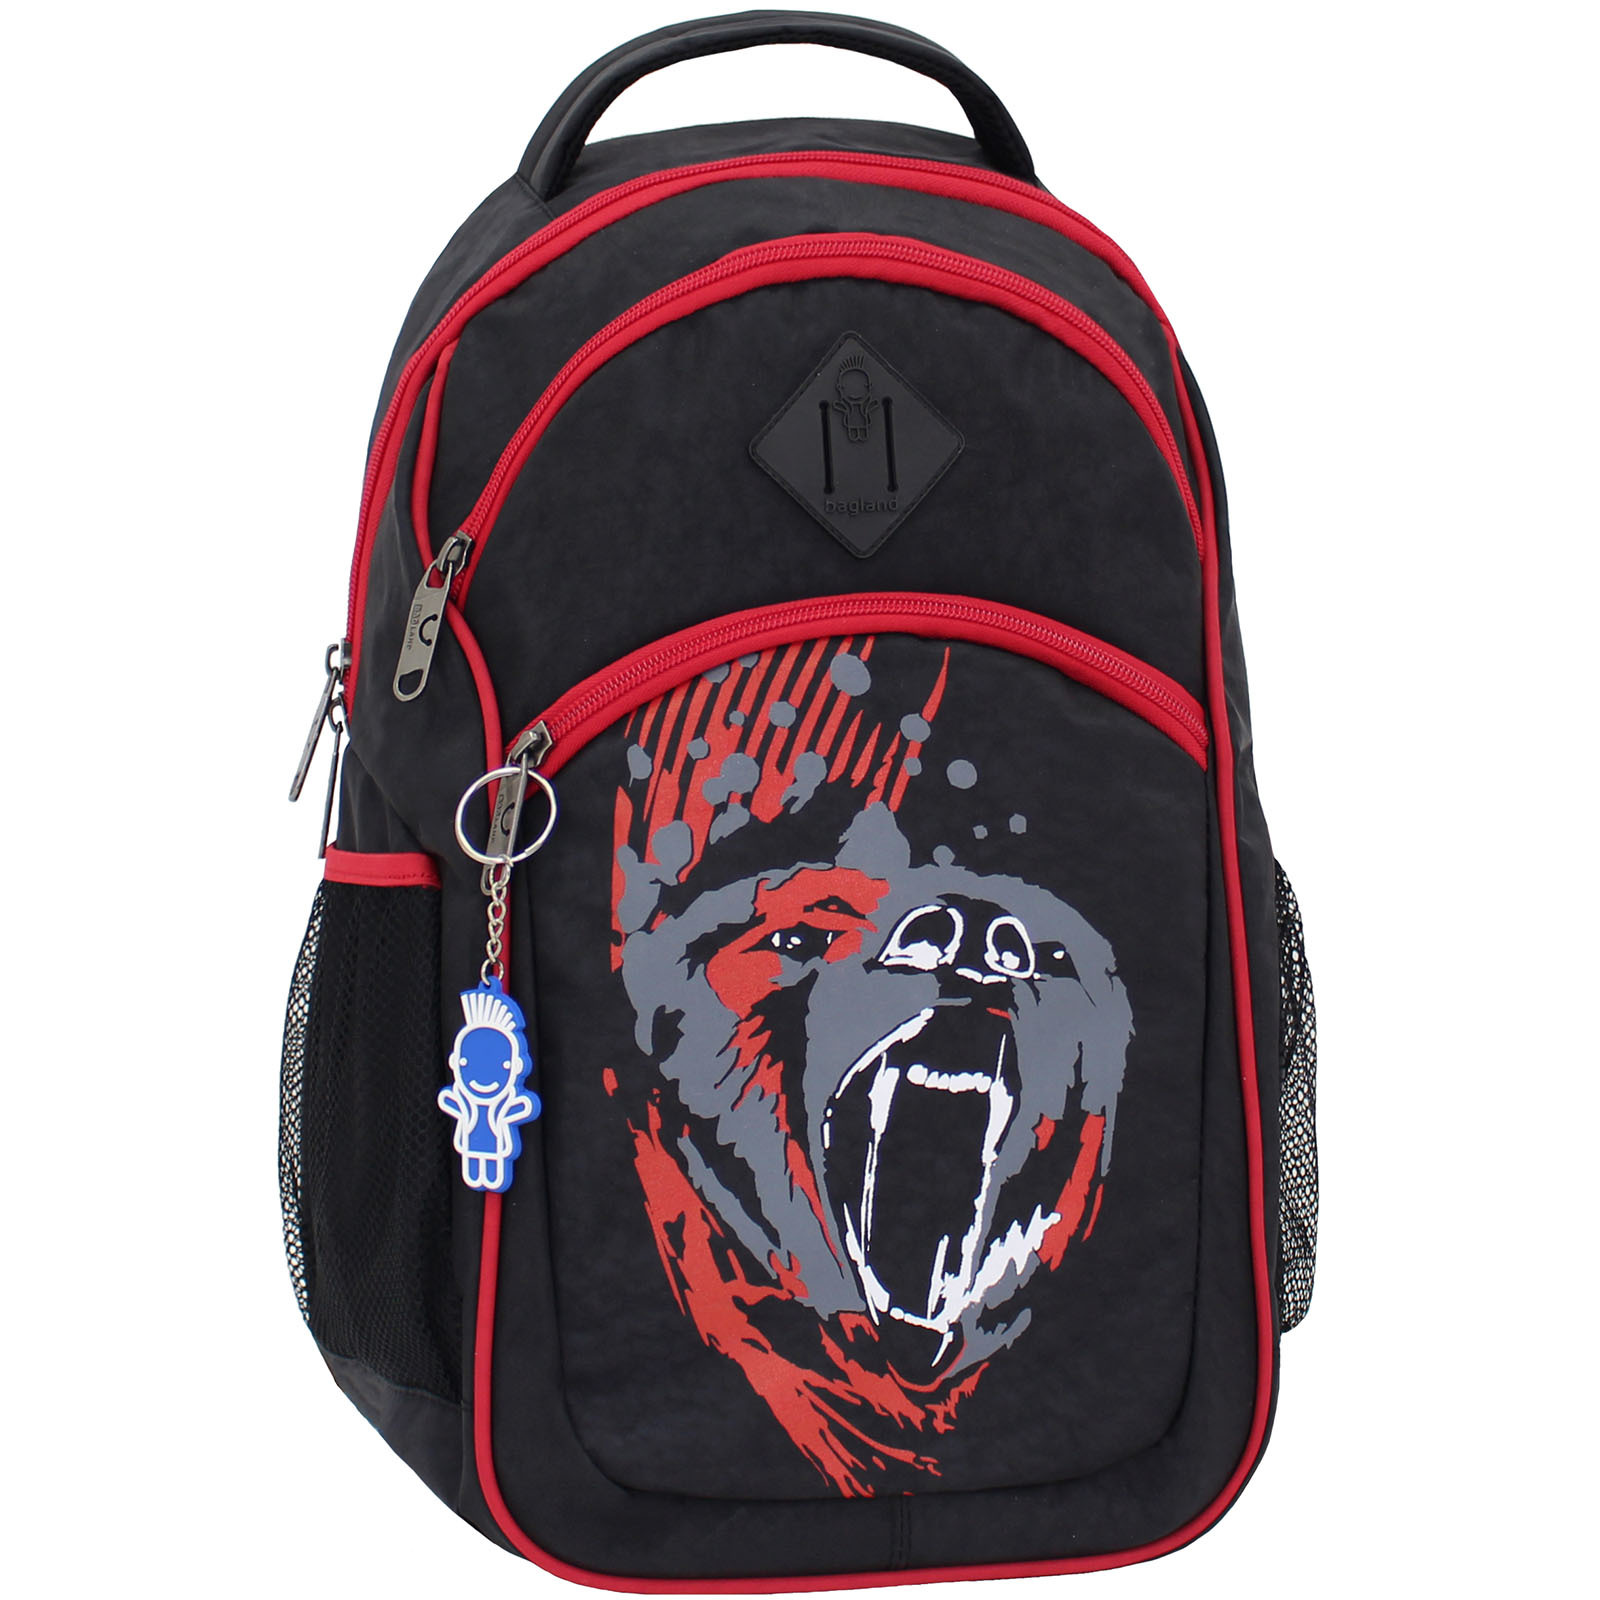 Рюкзак Bagland Лик 21 л. Чёрный/красный (0055770) фото 1